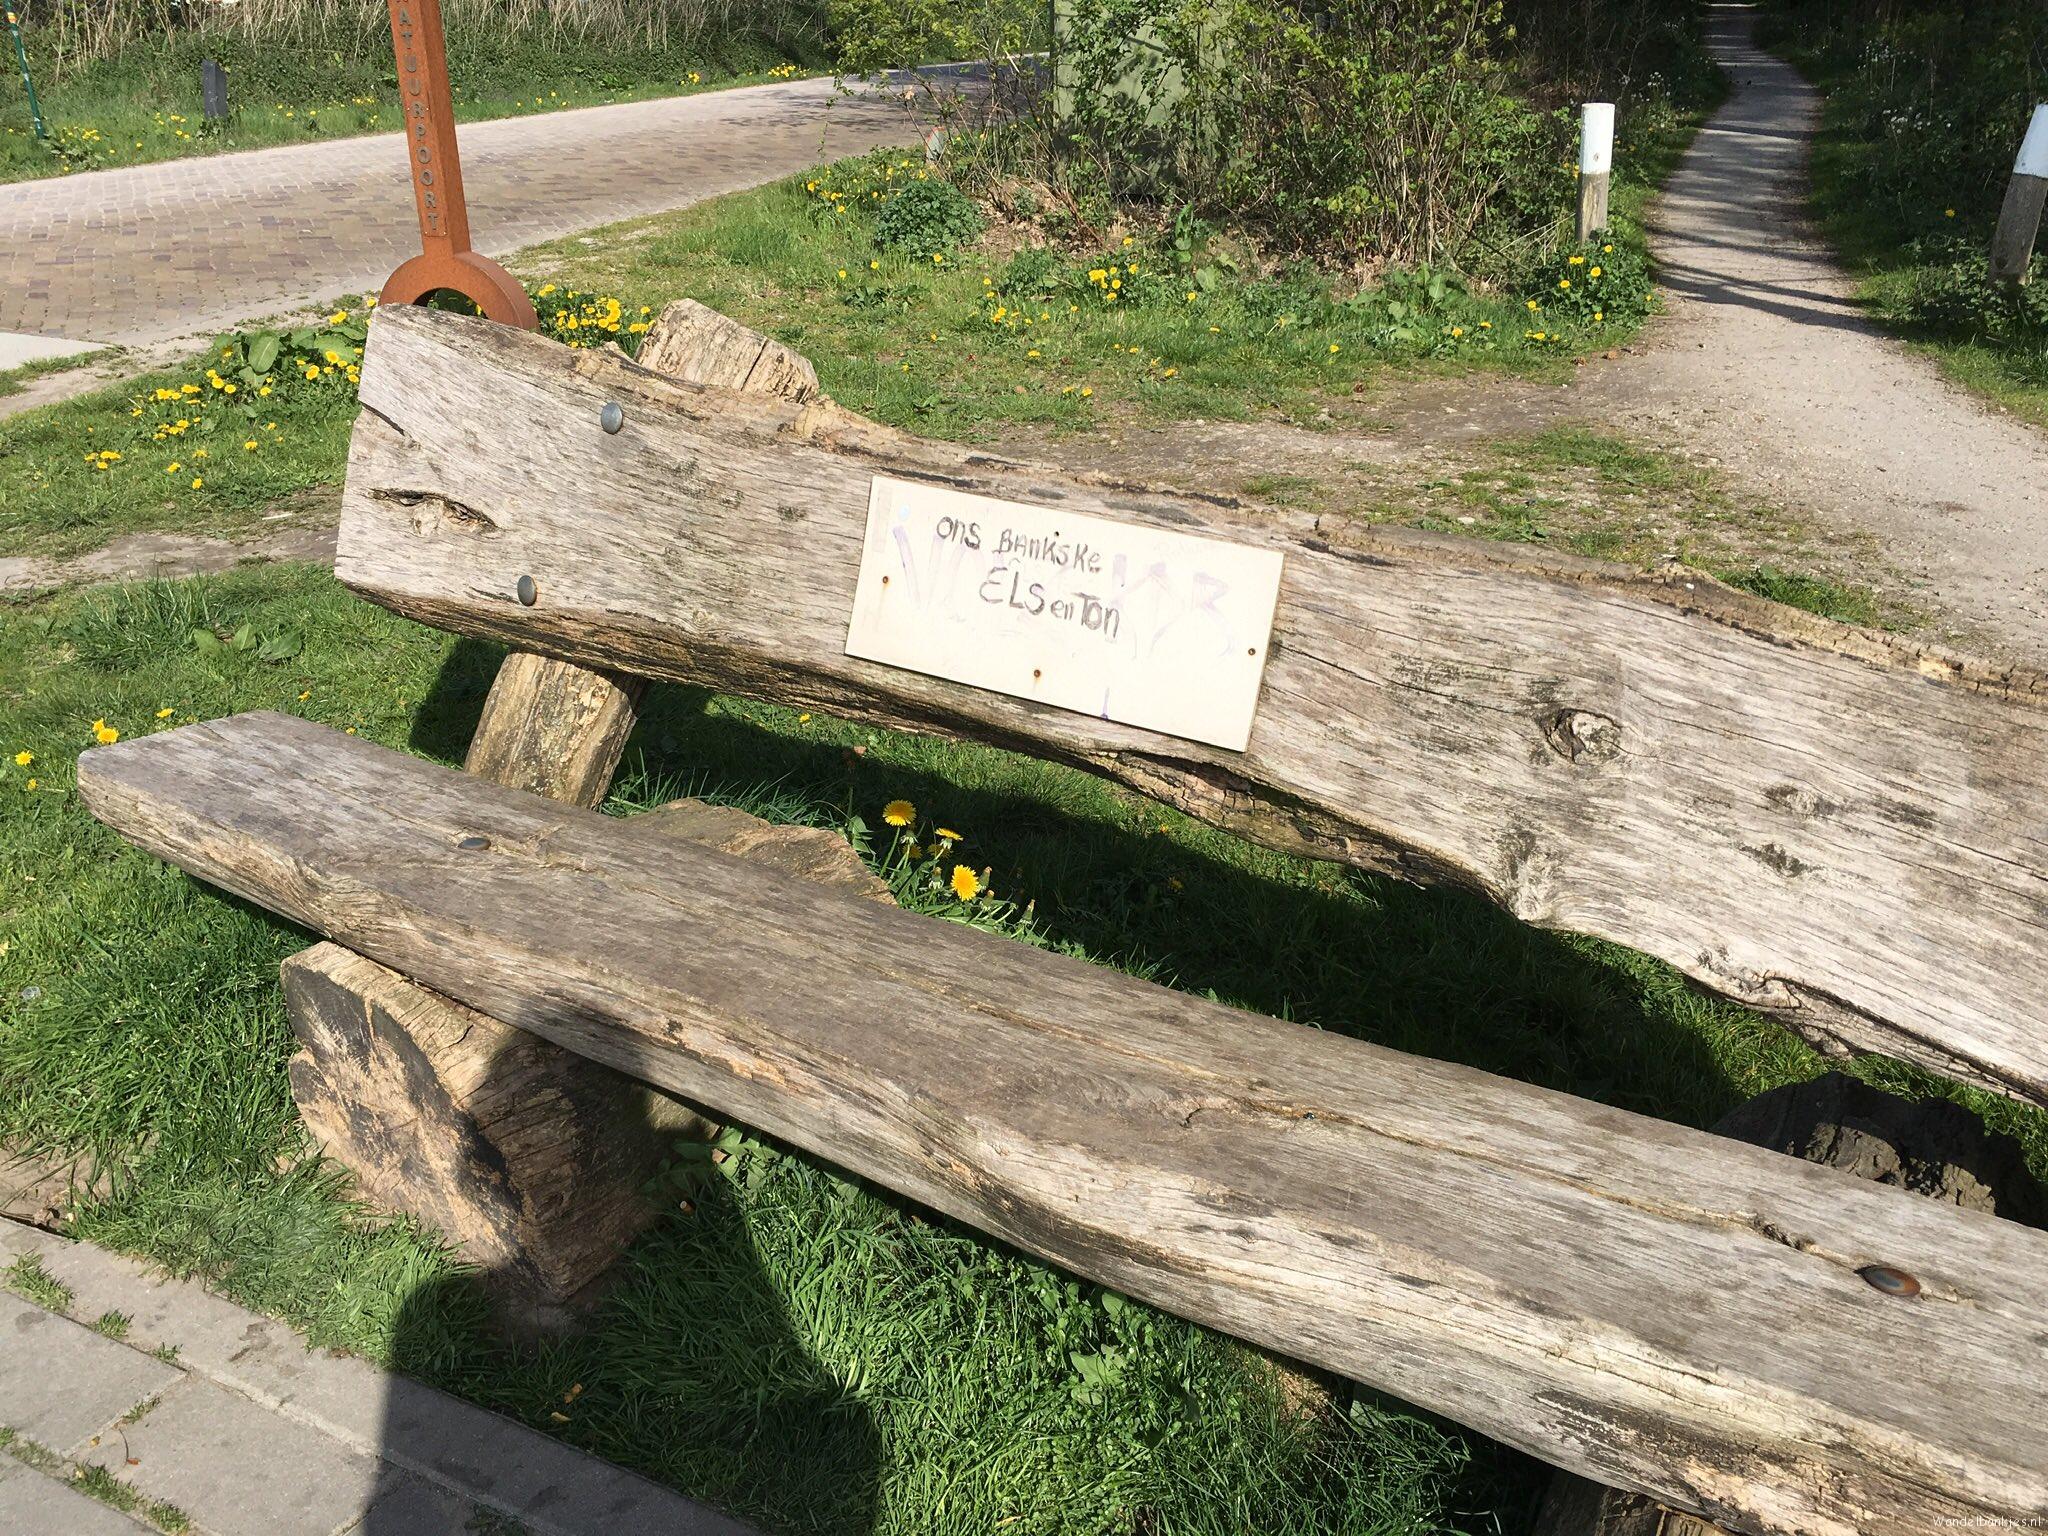 rt-tvspeek-ons-bankske-nieuwkerk-grenslandpad-wandelbankjes-https-t-co-z7tvzaqfj3